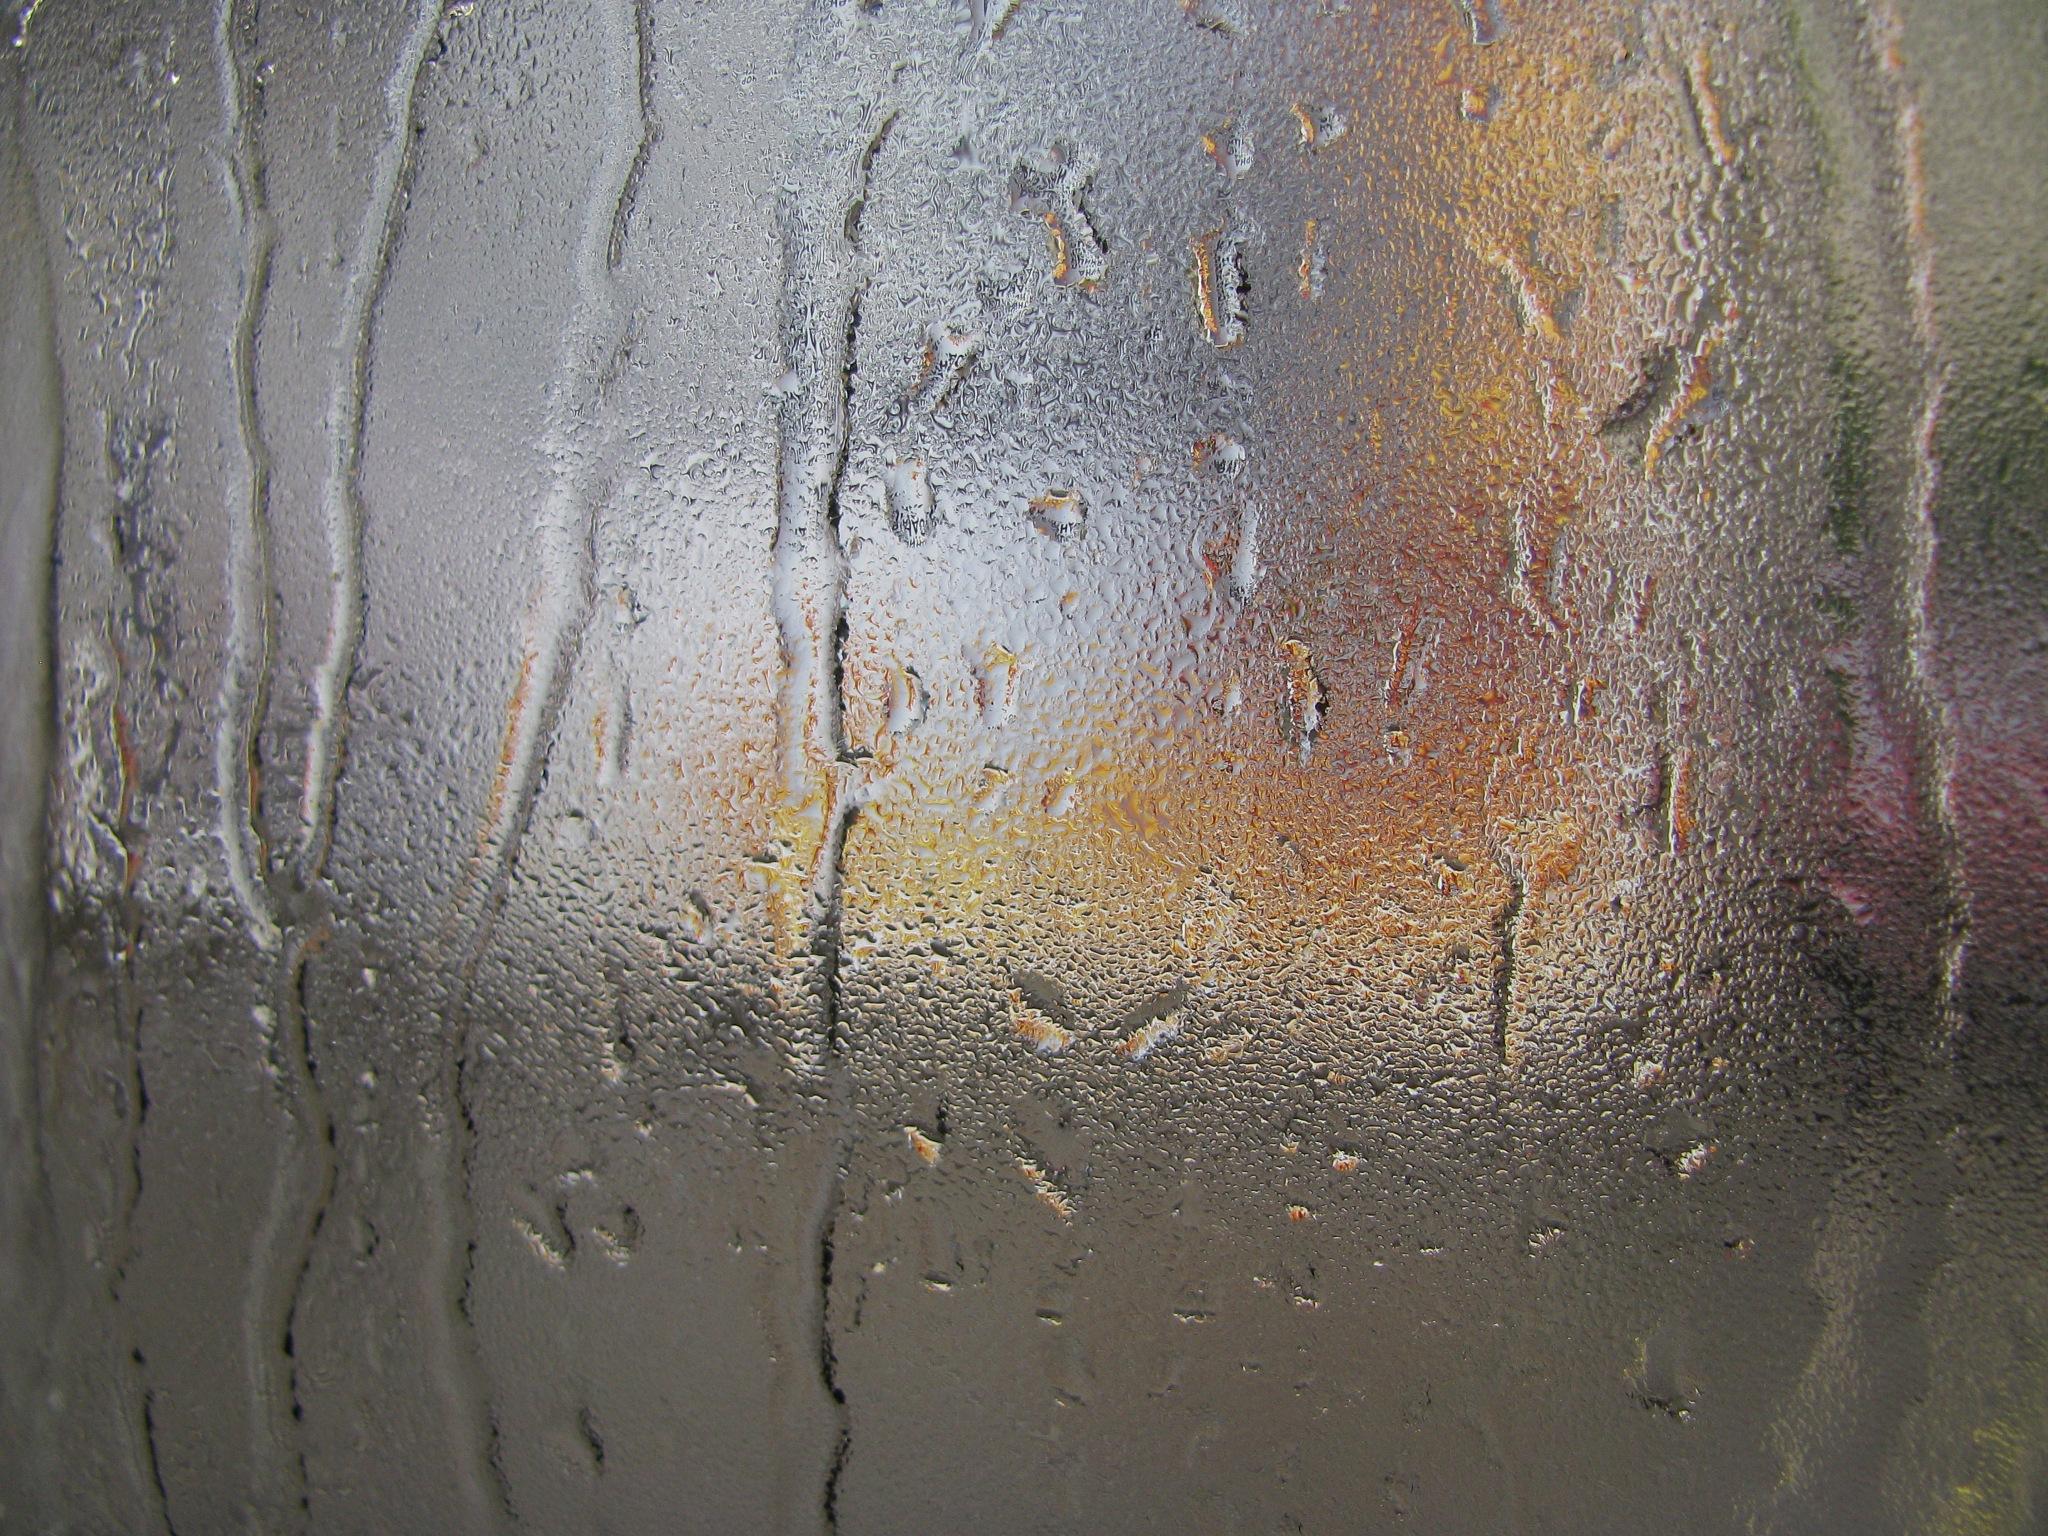 Drops by Eleonora Sindeyeva